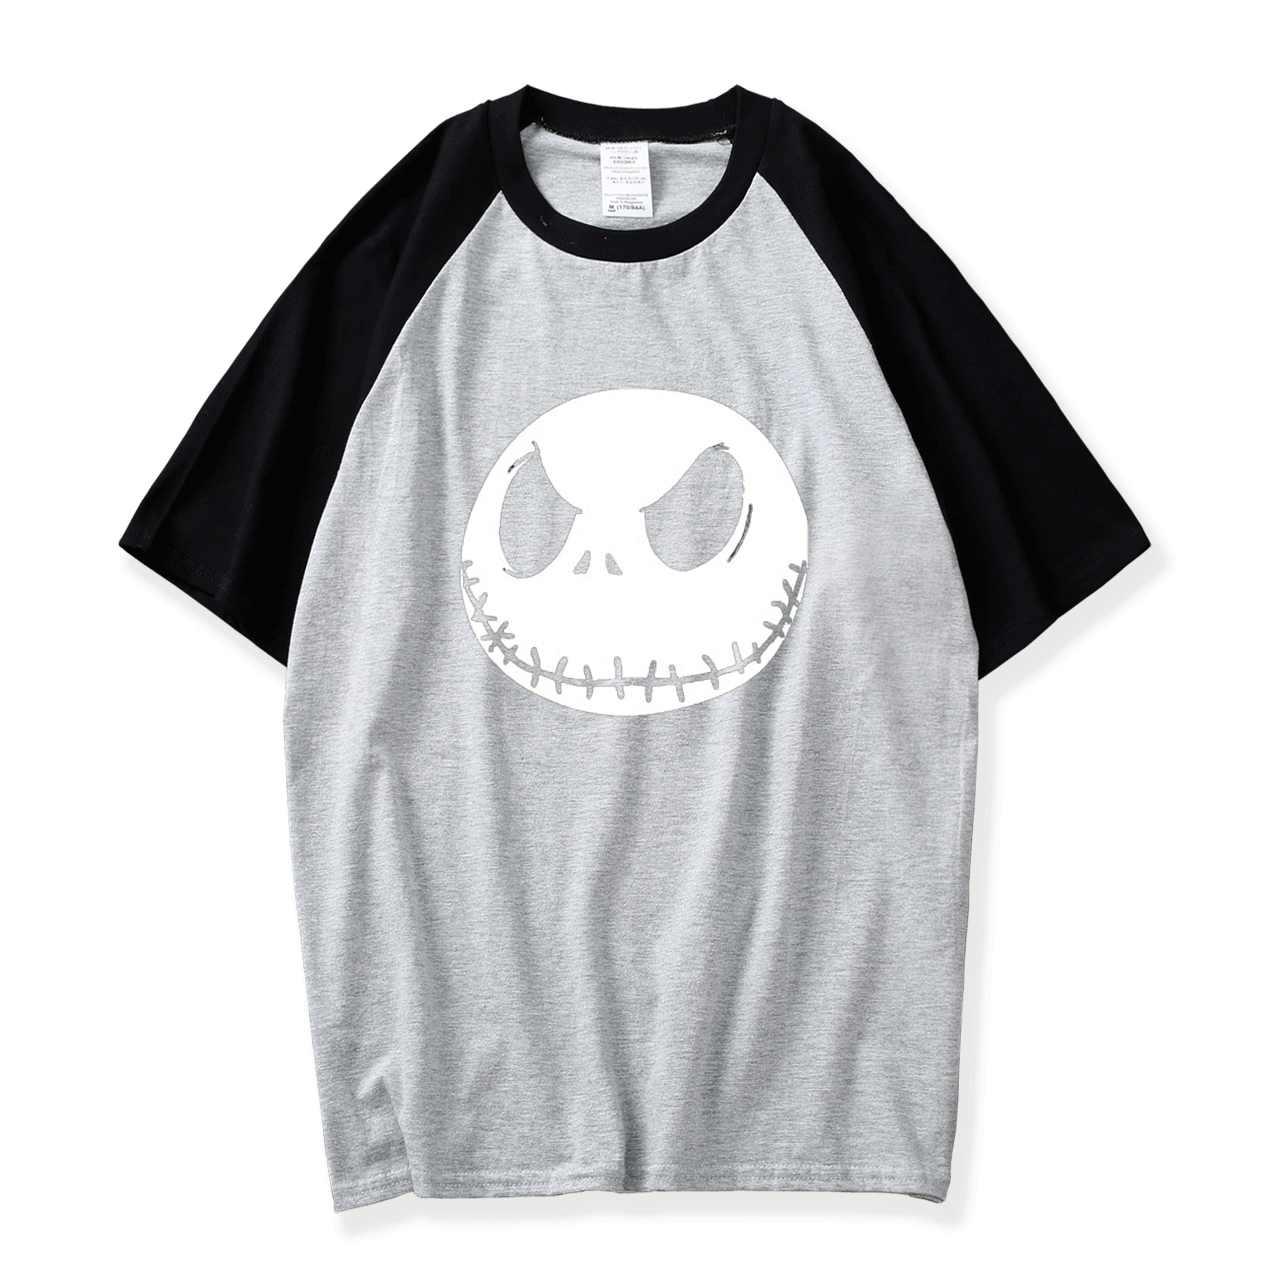 Nightmare Before Christmas แจ็ค Skellington Mens Tshirt ฟักทองฮาโลวีน King เสื้อยืดฤดูร้อน Hip Hop ชายเสื้อ